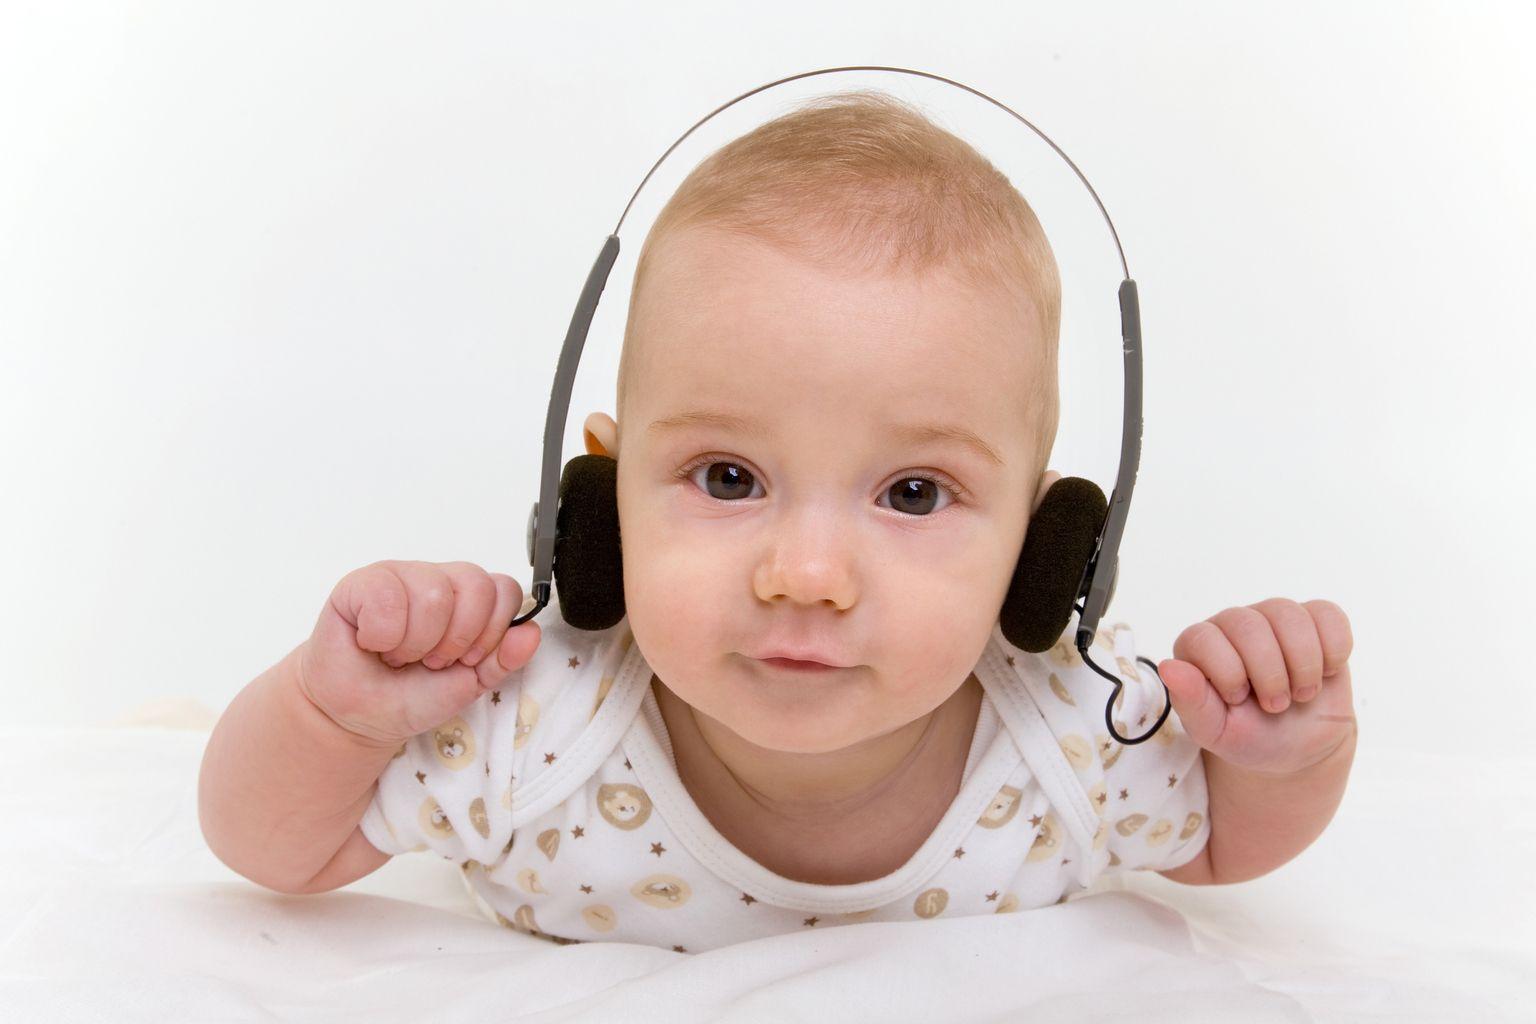 #Atividades_Para_o_Dia_do_Pai #babysteps #atividades #dia_do_pai #crianças #bebés #pais